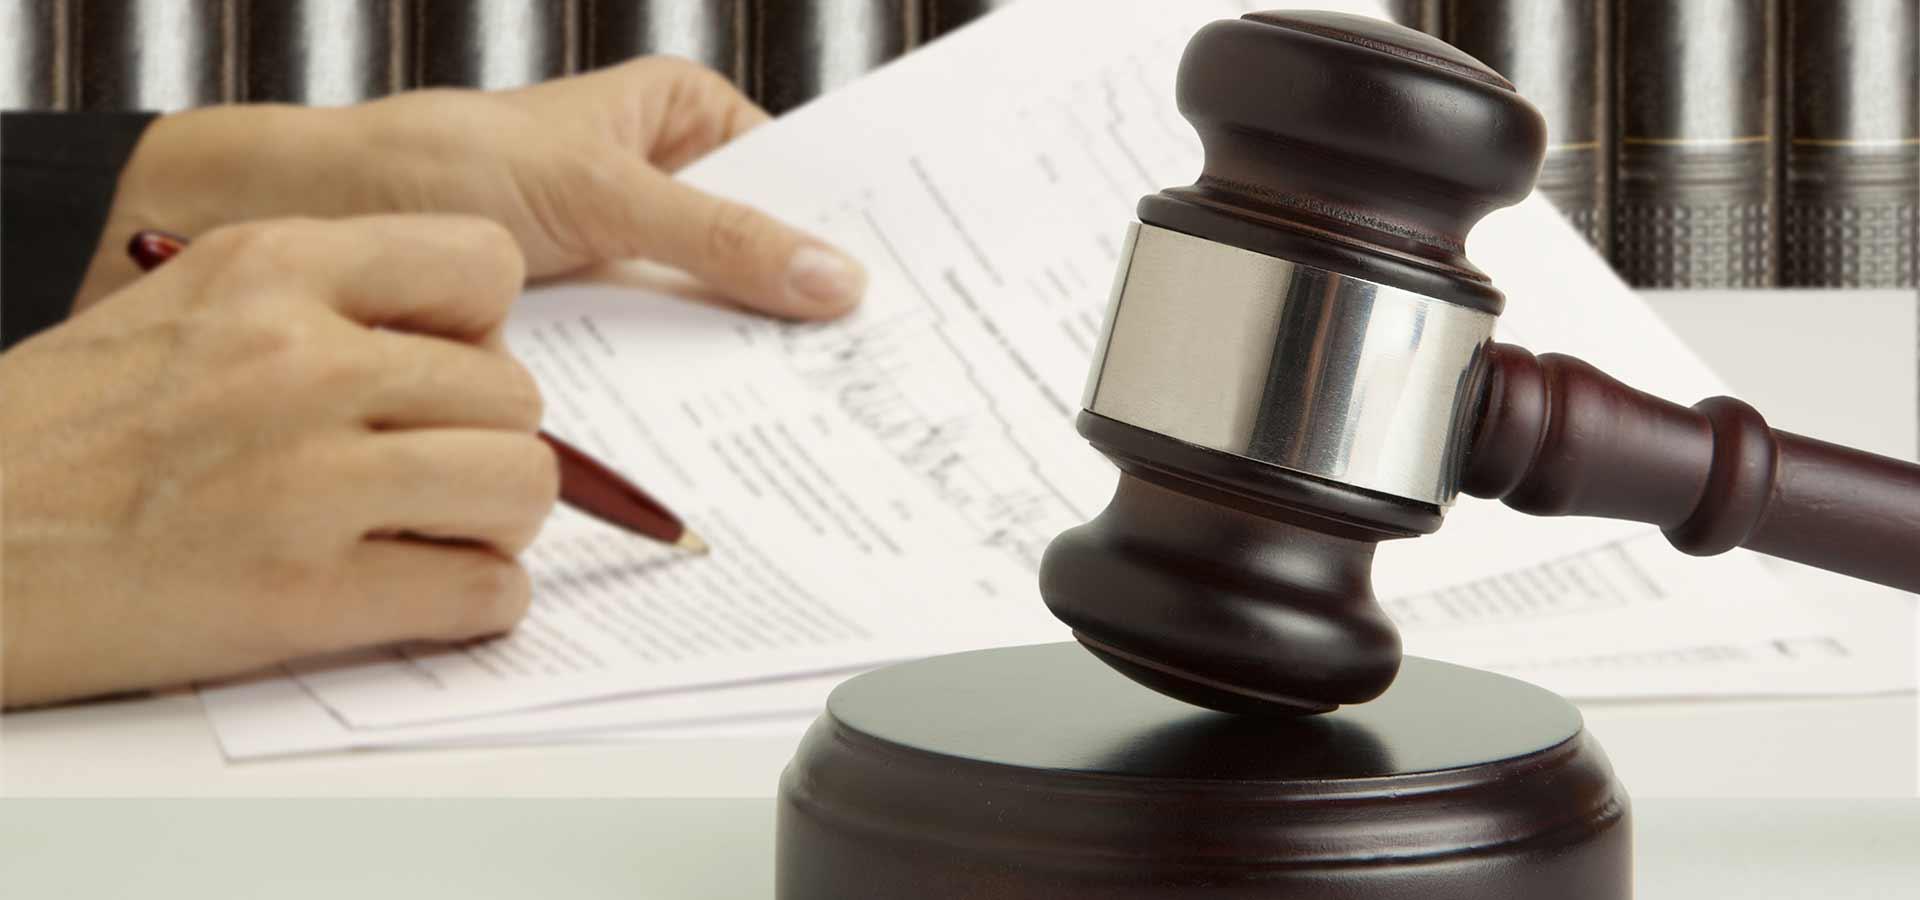 Оспорить отцовство в судебном порядке как сделать правильно